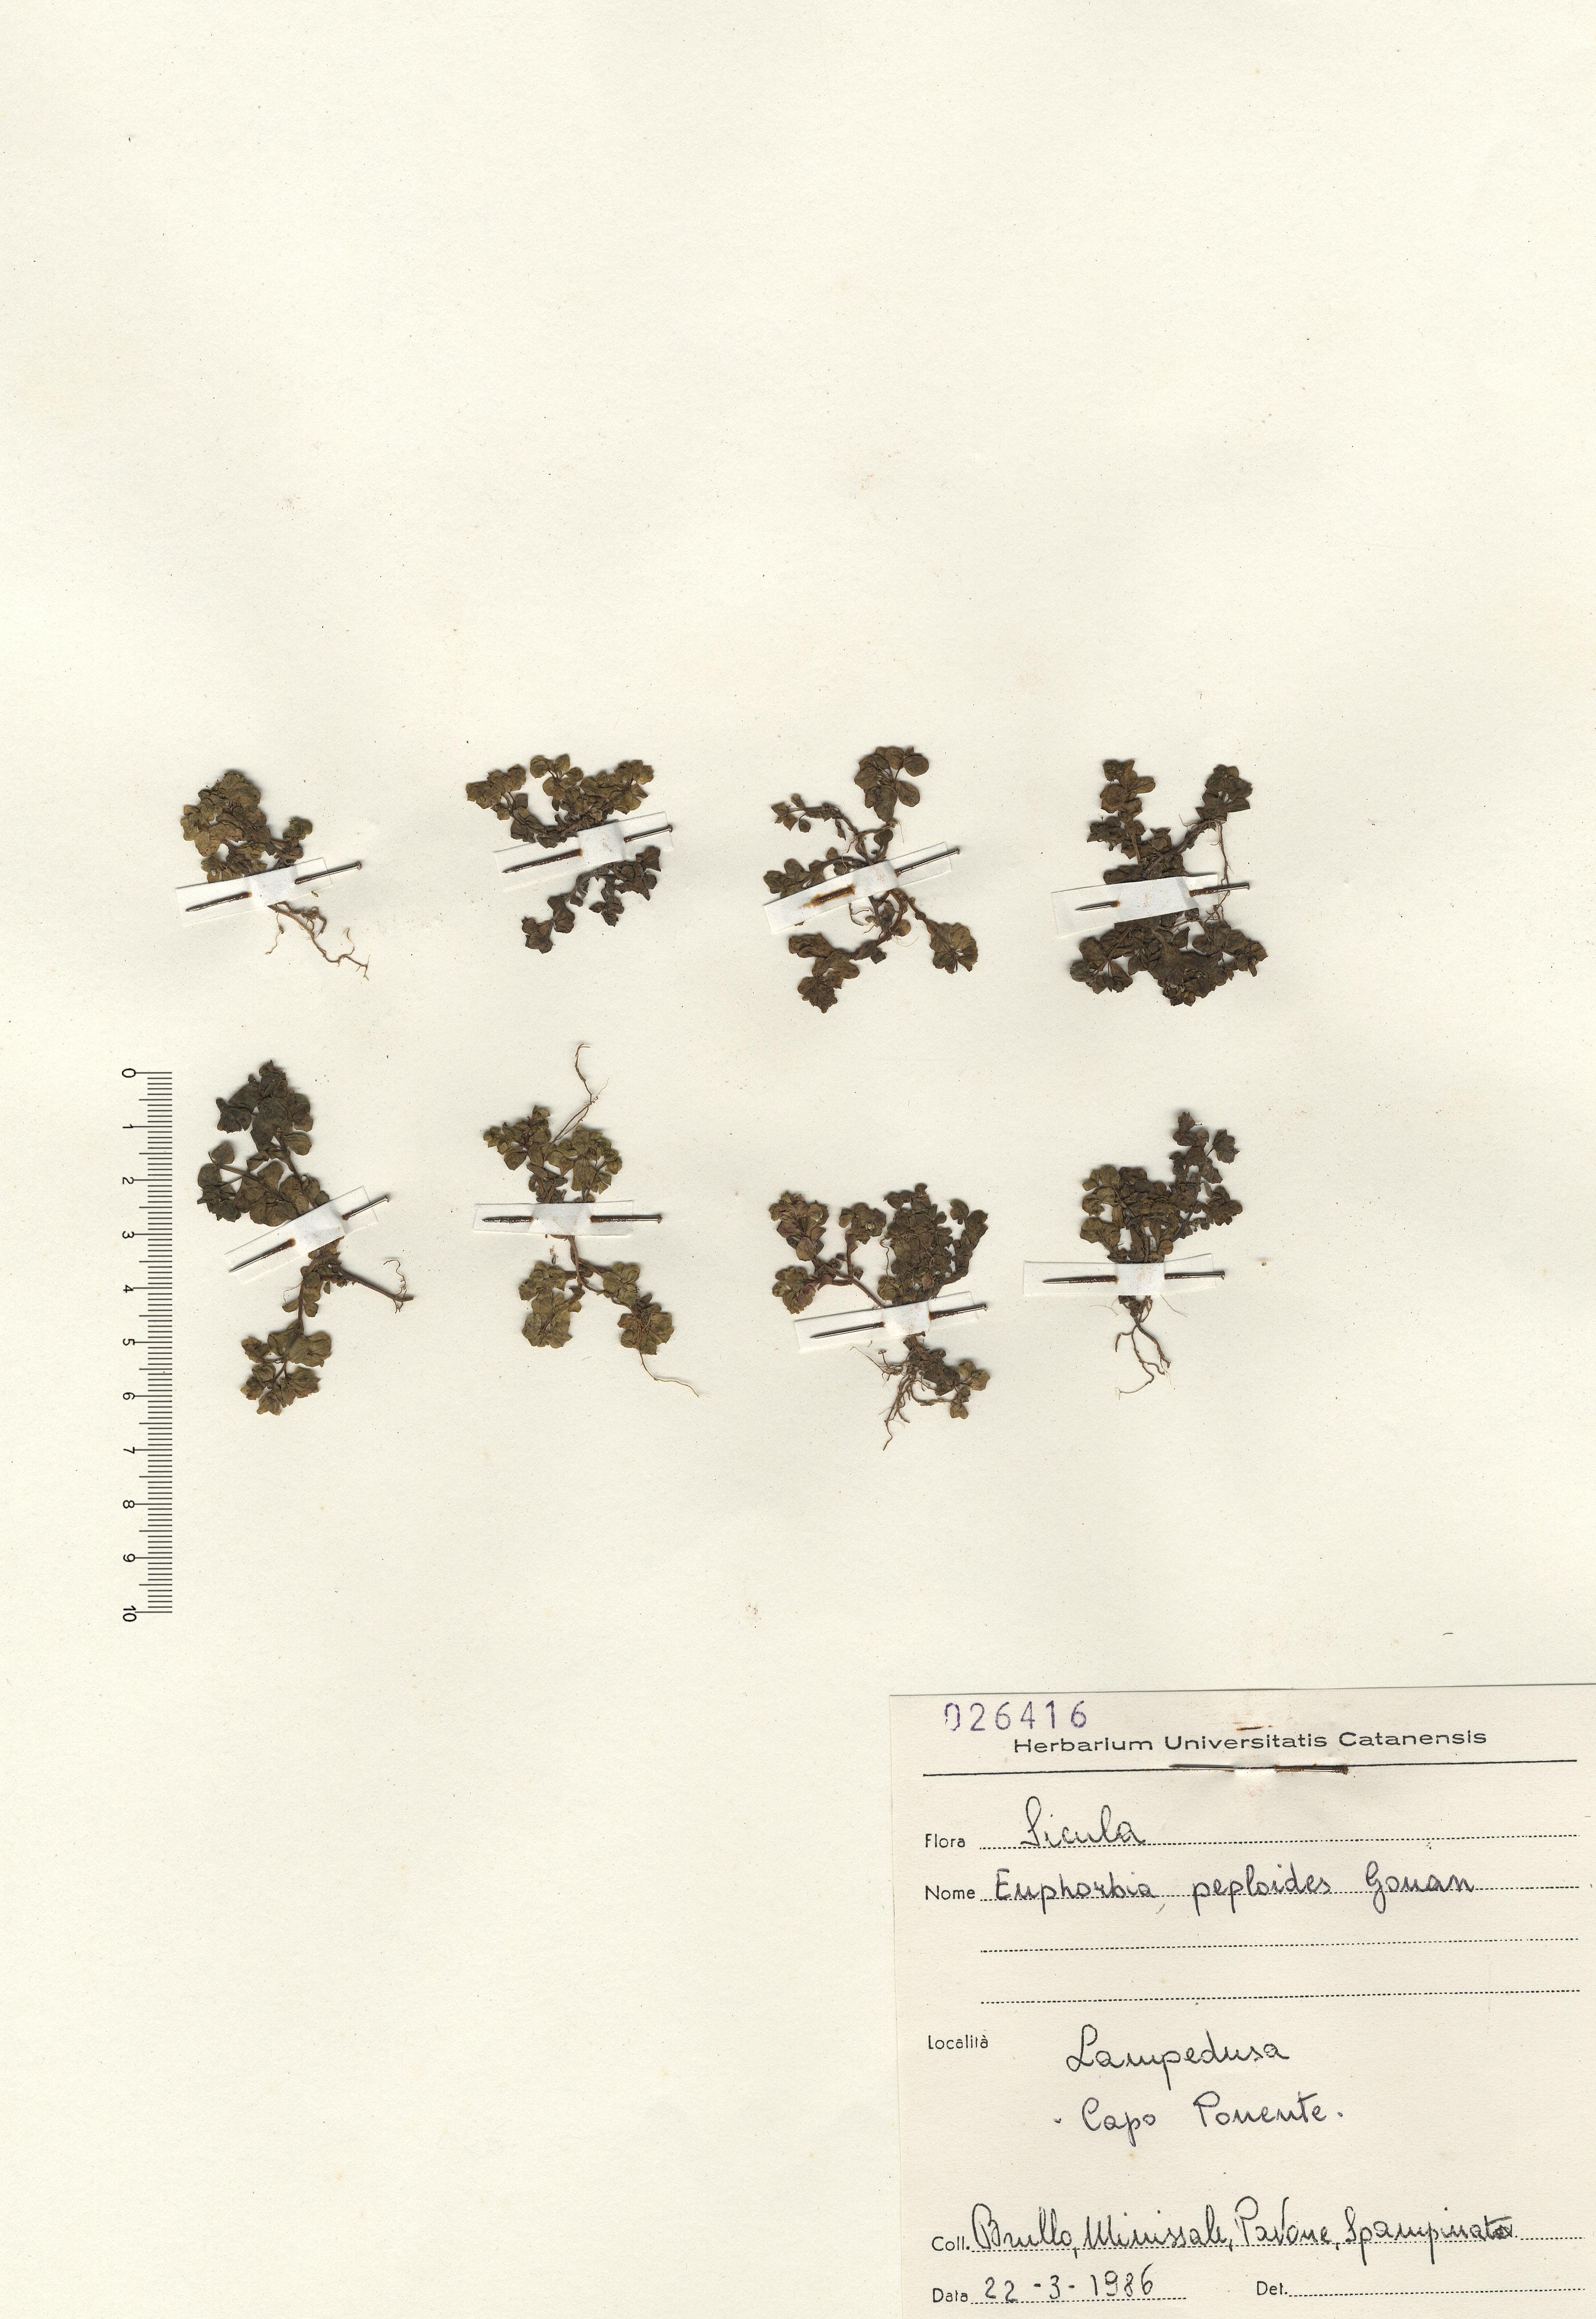 © Hortus Botanicus Catinens - Herb. sheet 026416<br>